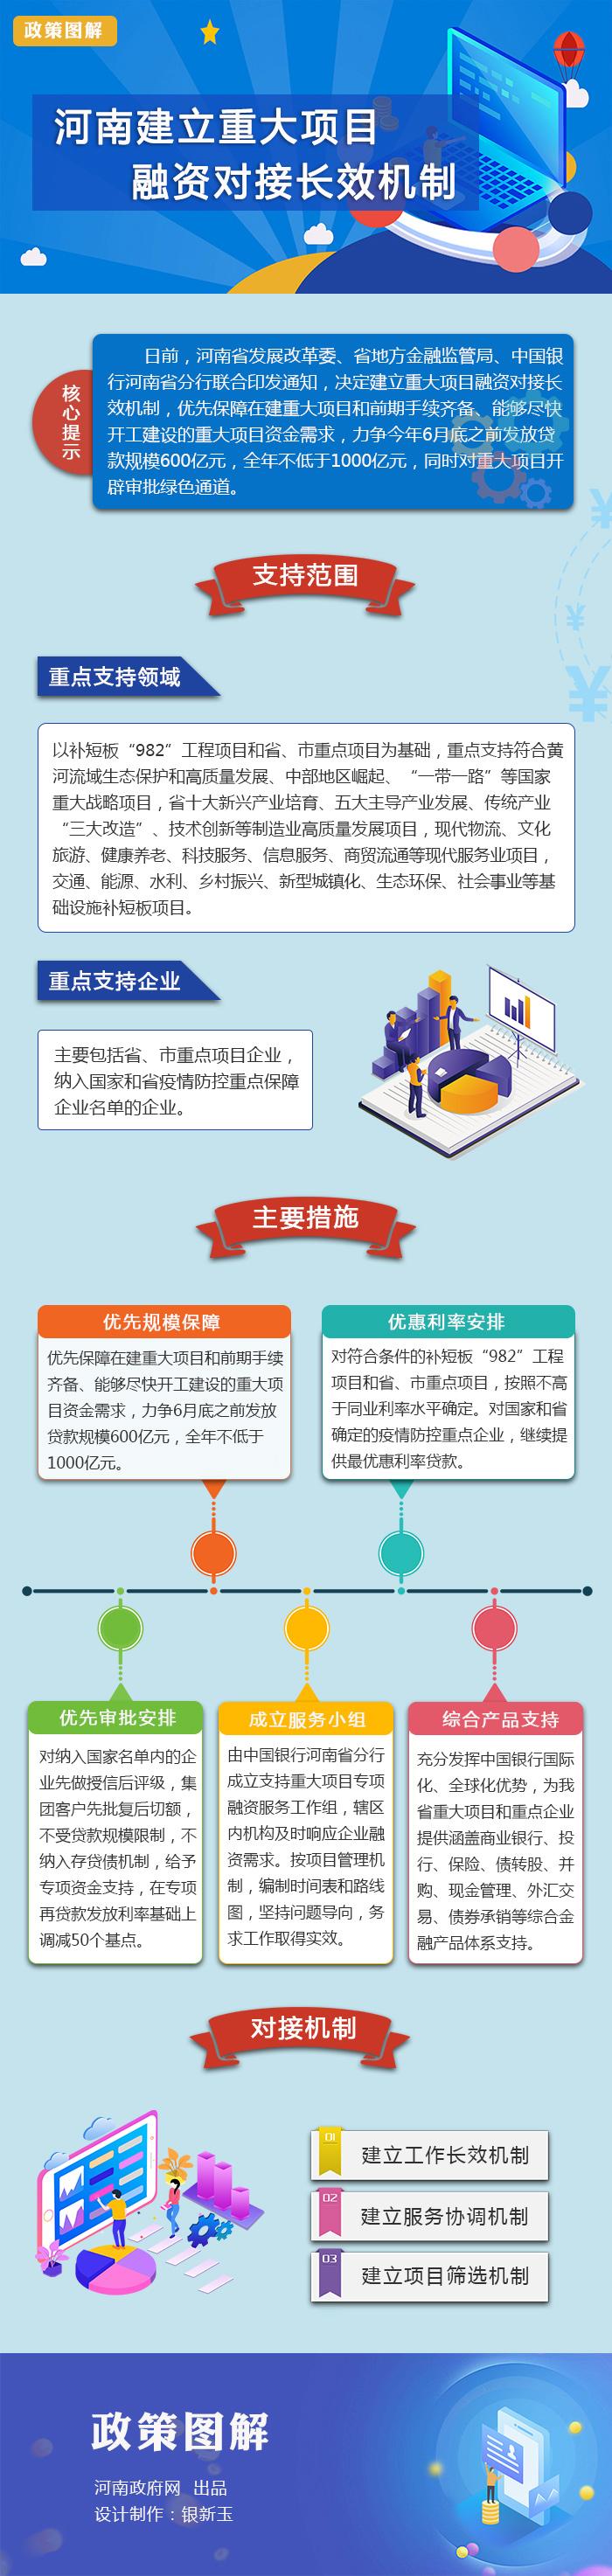 图解:河南建立重大项目融资对接长效机制